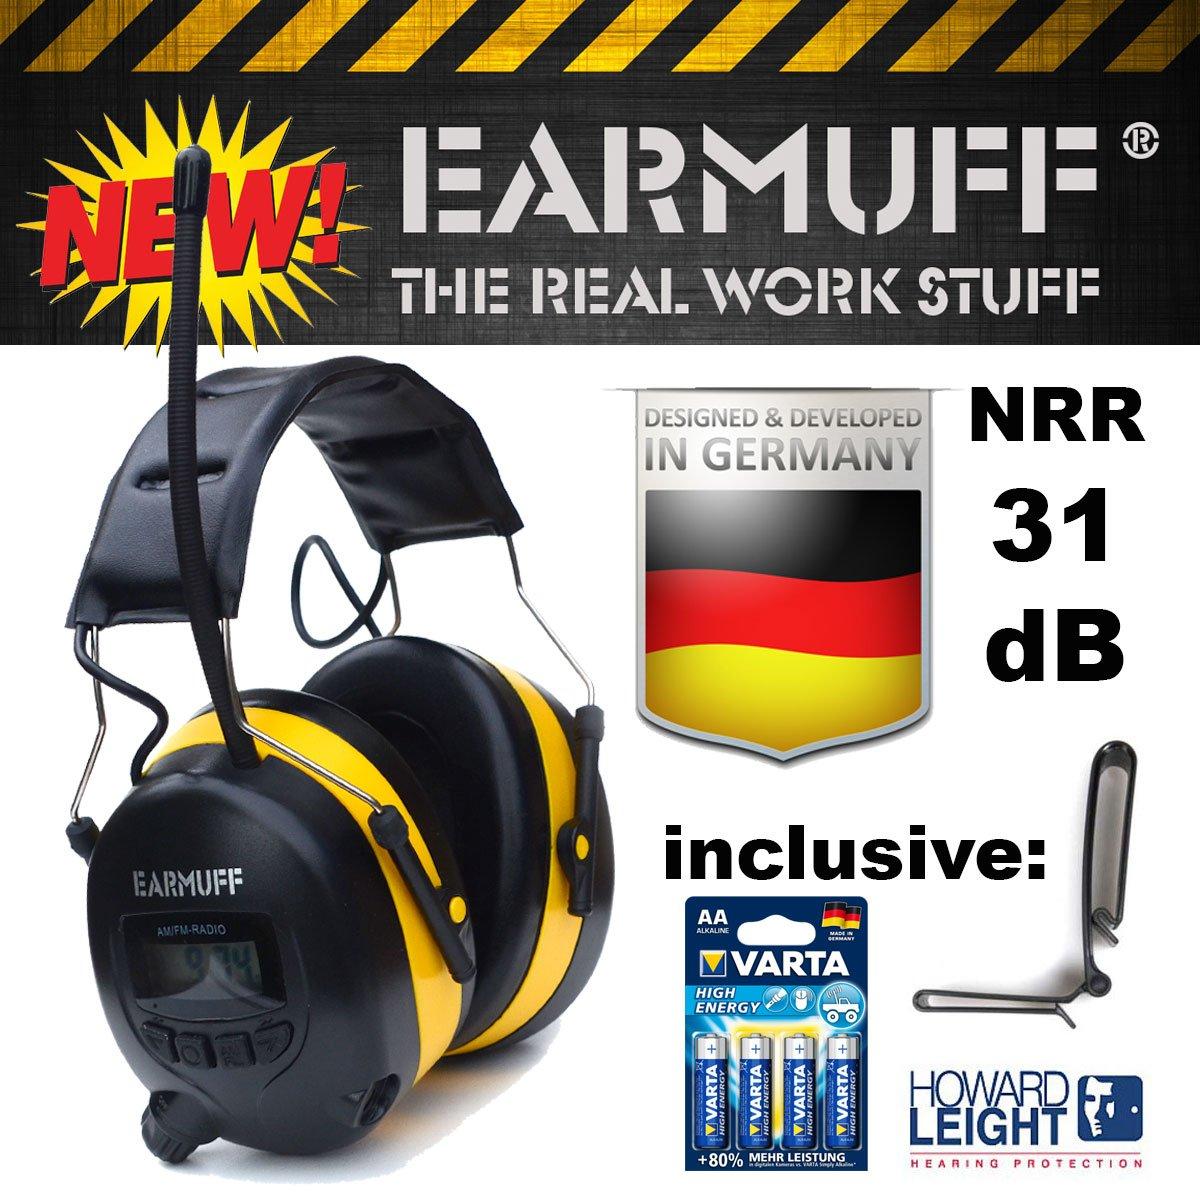 31dB 'EARMUFF' Casque de chantier anti-bruit avec tuner radio FM AM intégré et prise AUX + clip de ceinture et 4piles Varta 31000